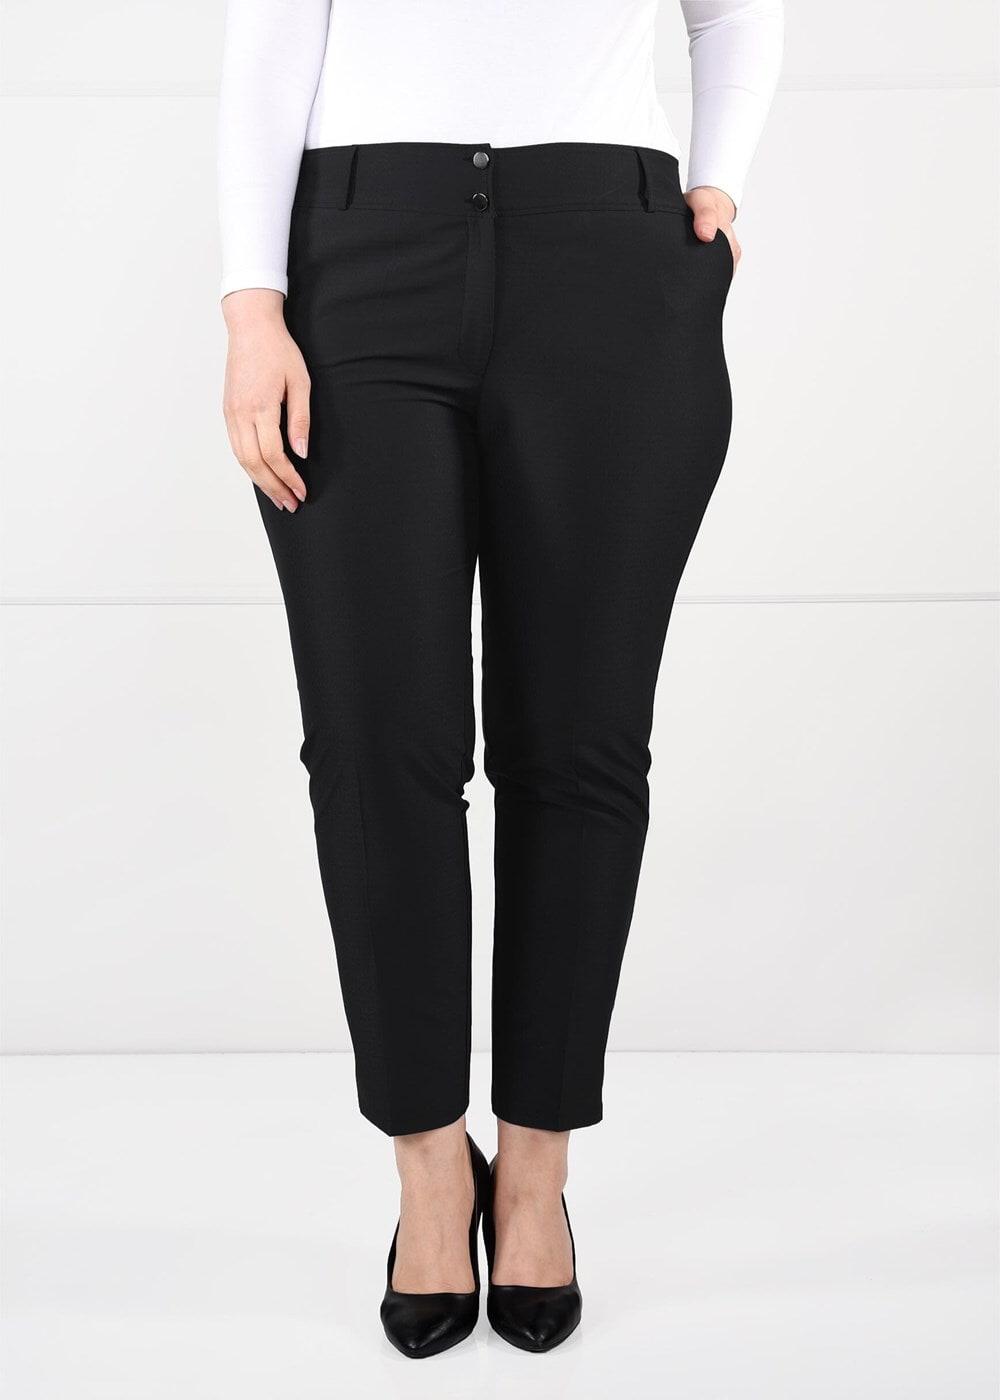 Bayan SİYAH T 7010 Buğu 8017 Pantolon-Alv Fashion